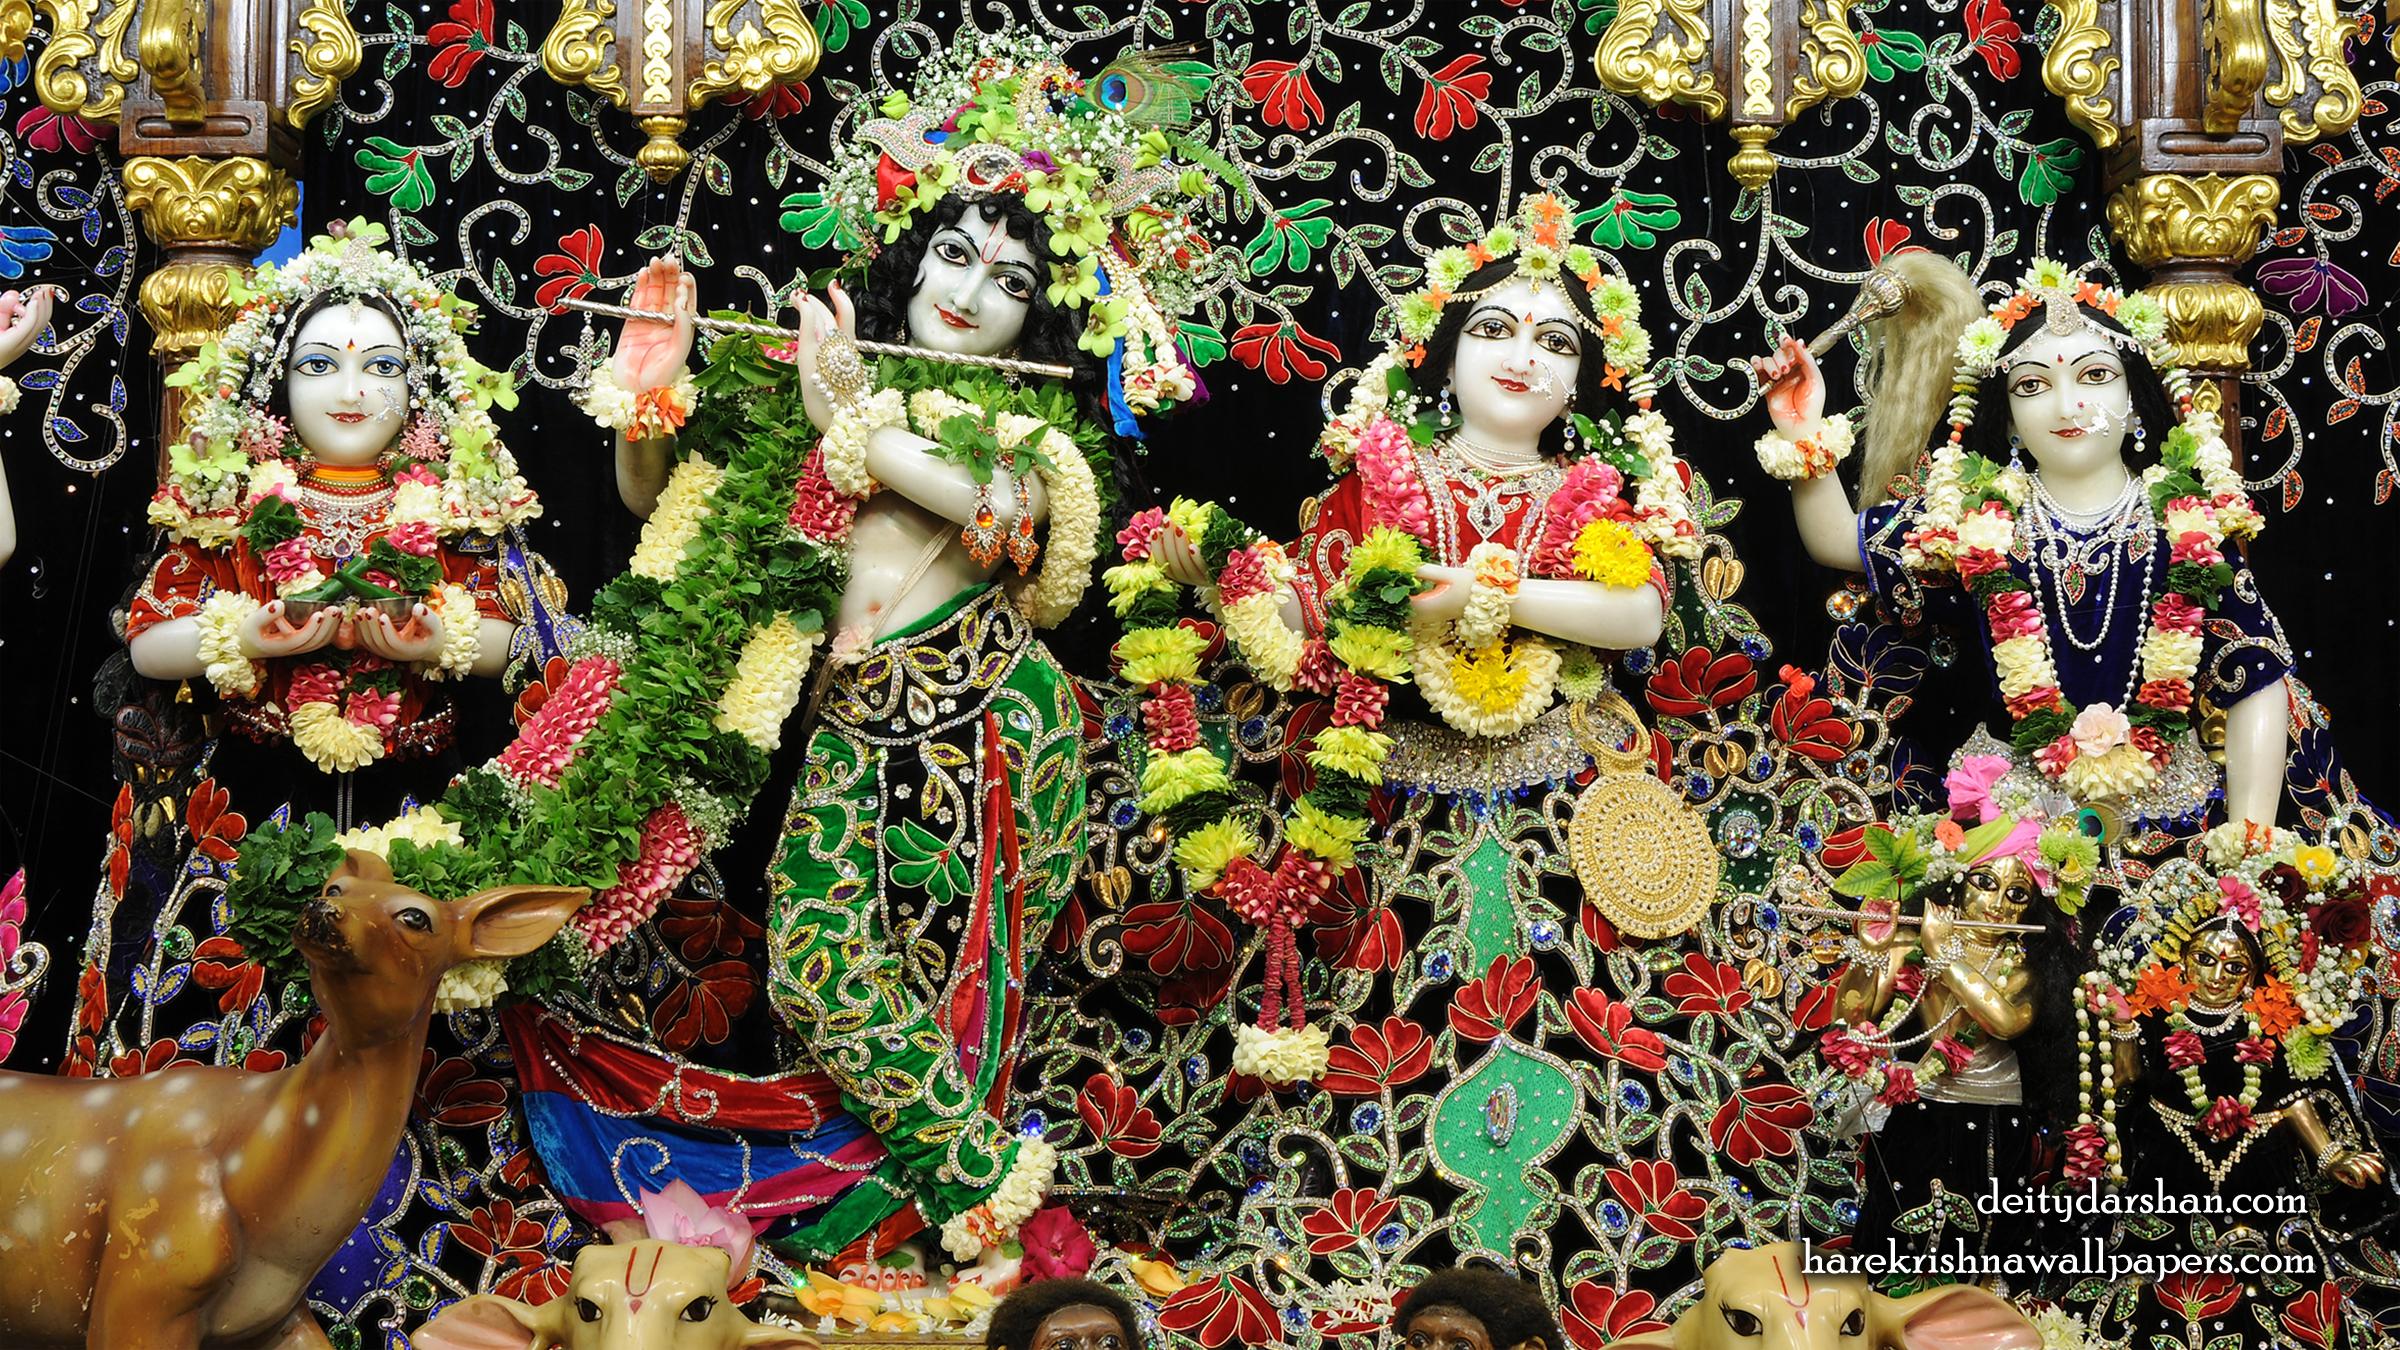 Sri Sri Radha Gopinath Lalita Vishakha Wallpaper (075) Size 2400x1350 Download